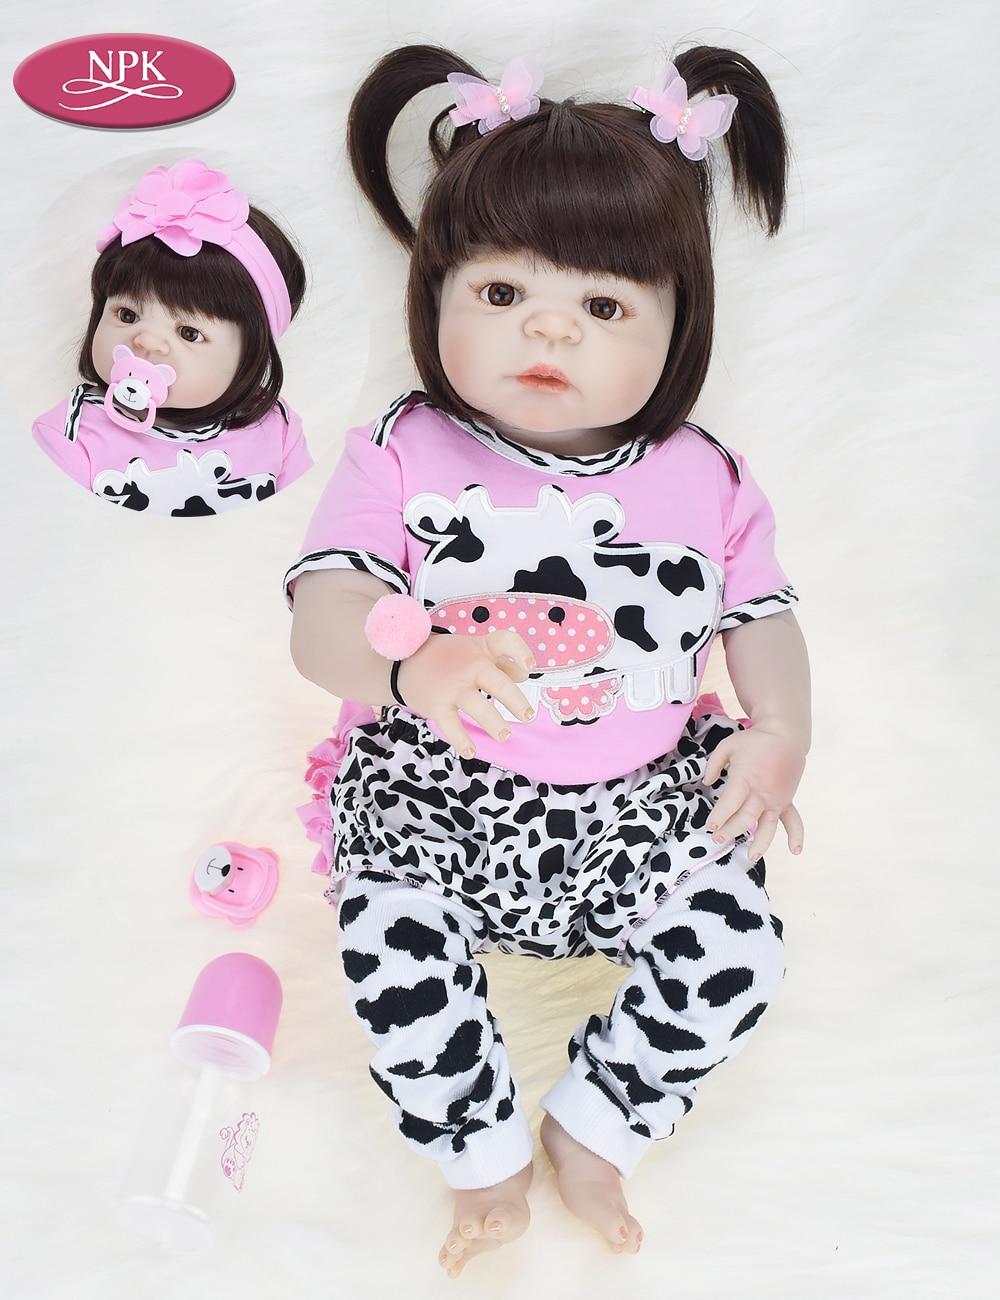 3fe0bc6cd NPK Real 57CM Full Body SIlicone Girl Reborn Babies Doll Bath Toy Lifelike  Newborn Princess Baby